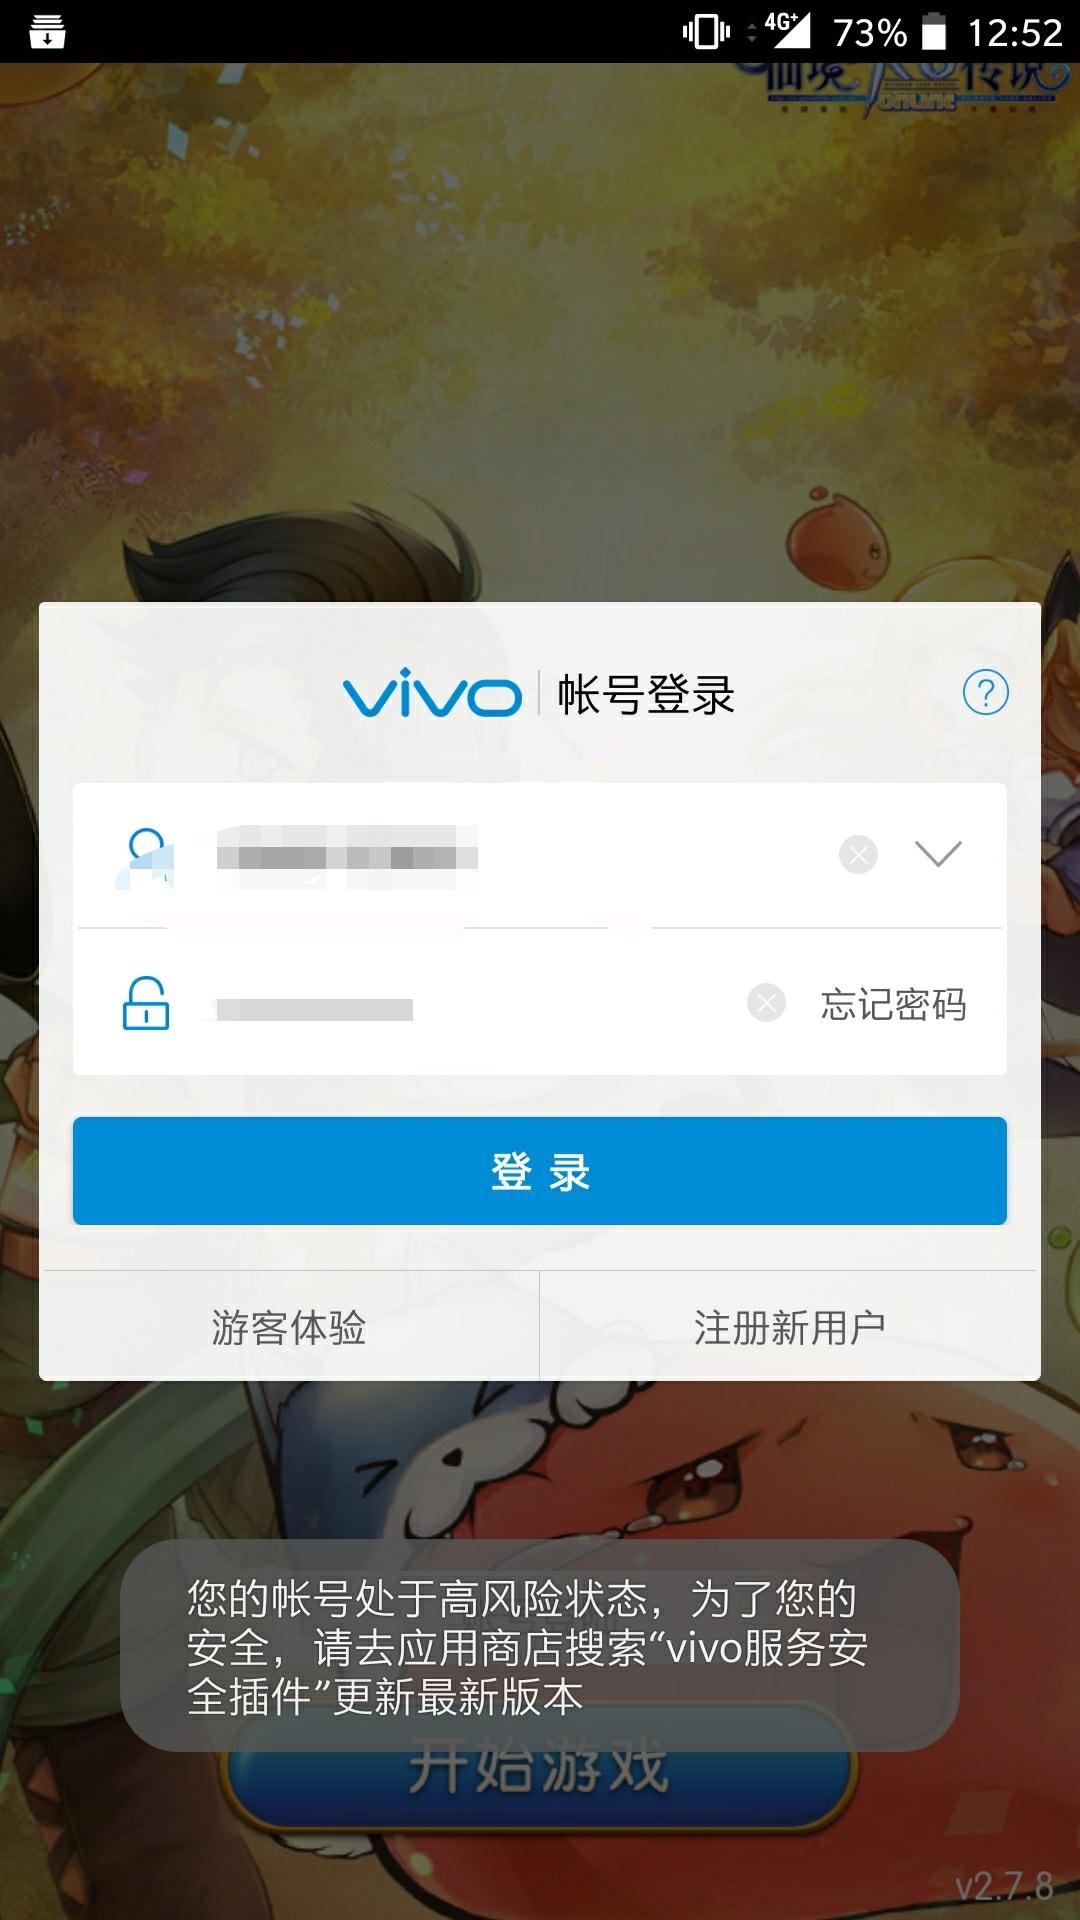 Screenshot_20171226-005234_01.jpg